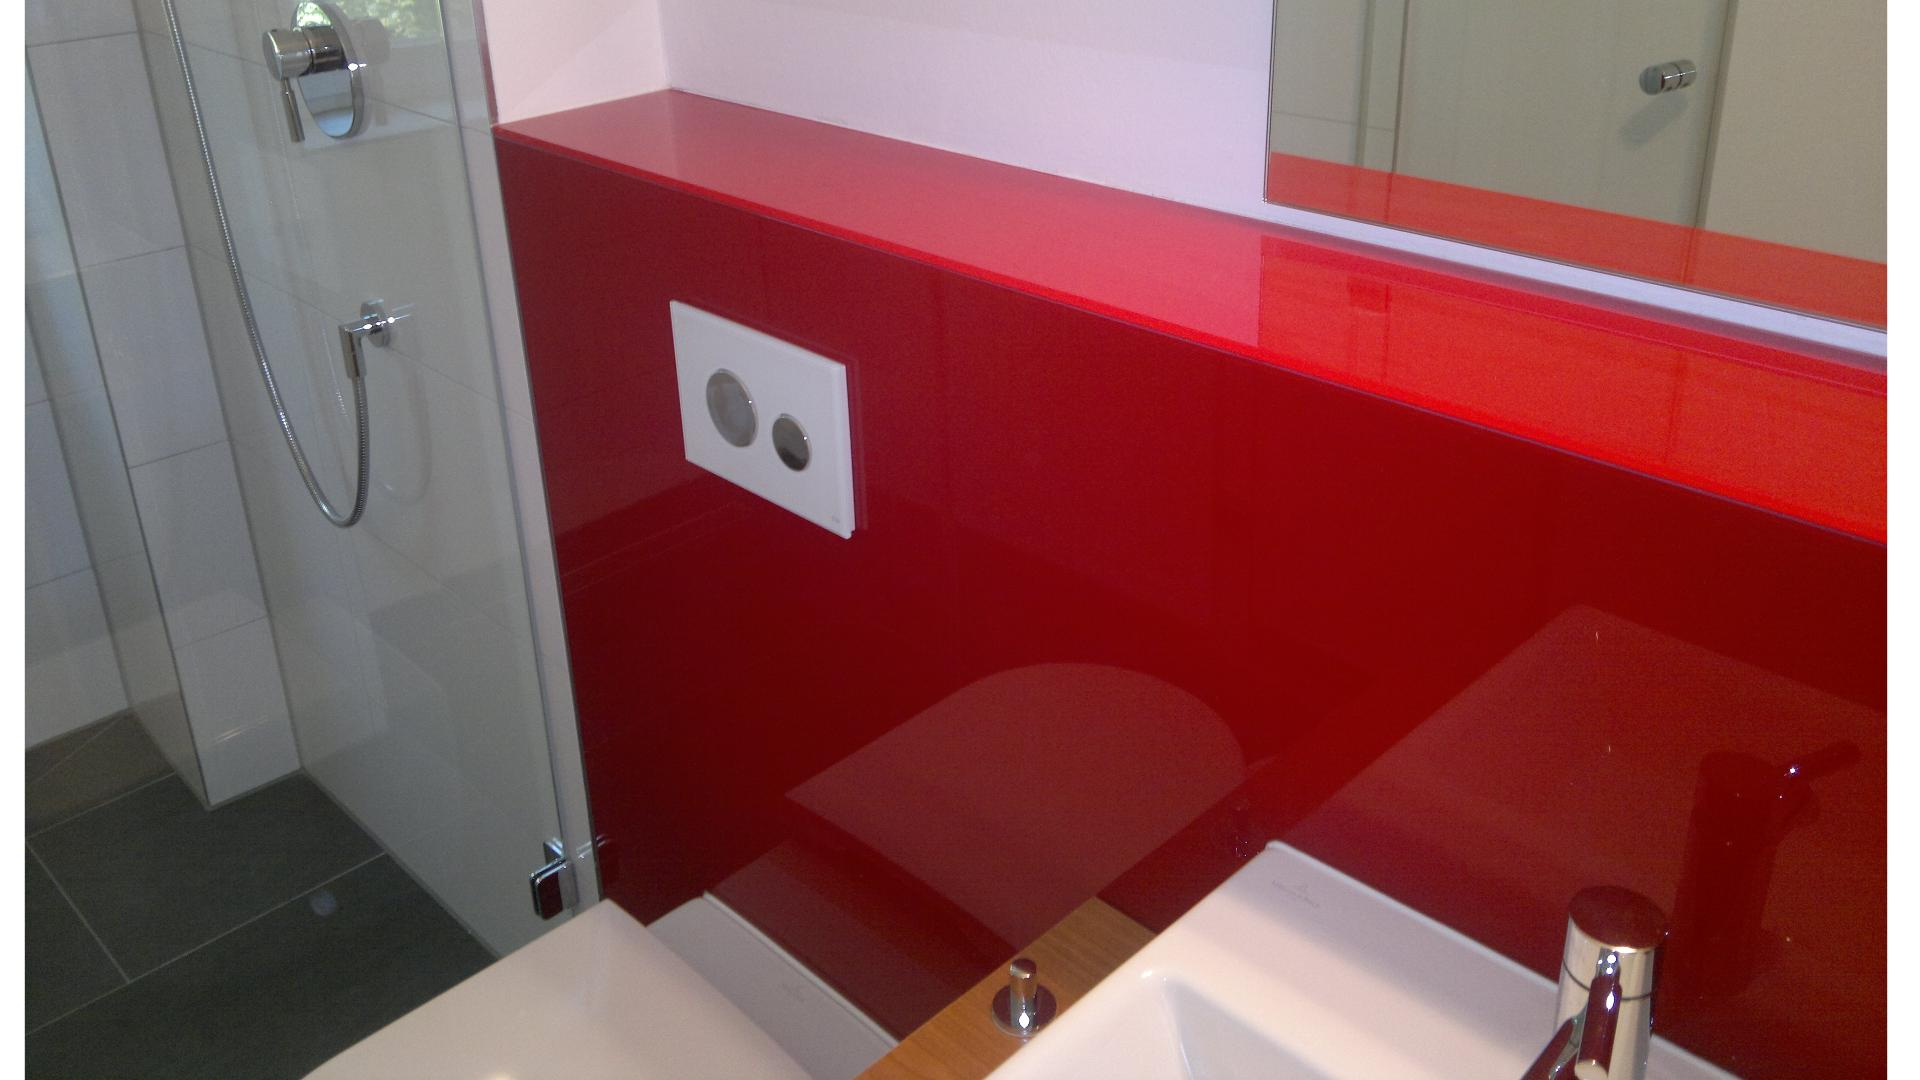 rote Glasrückwand hinter dem Waschtisch und Toilette eines Badezimmers